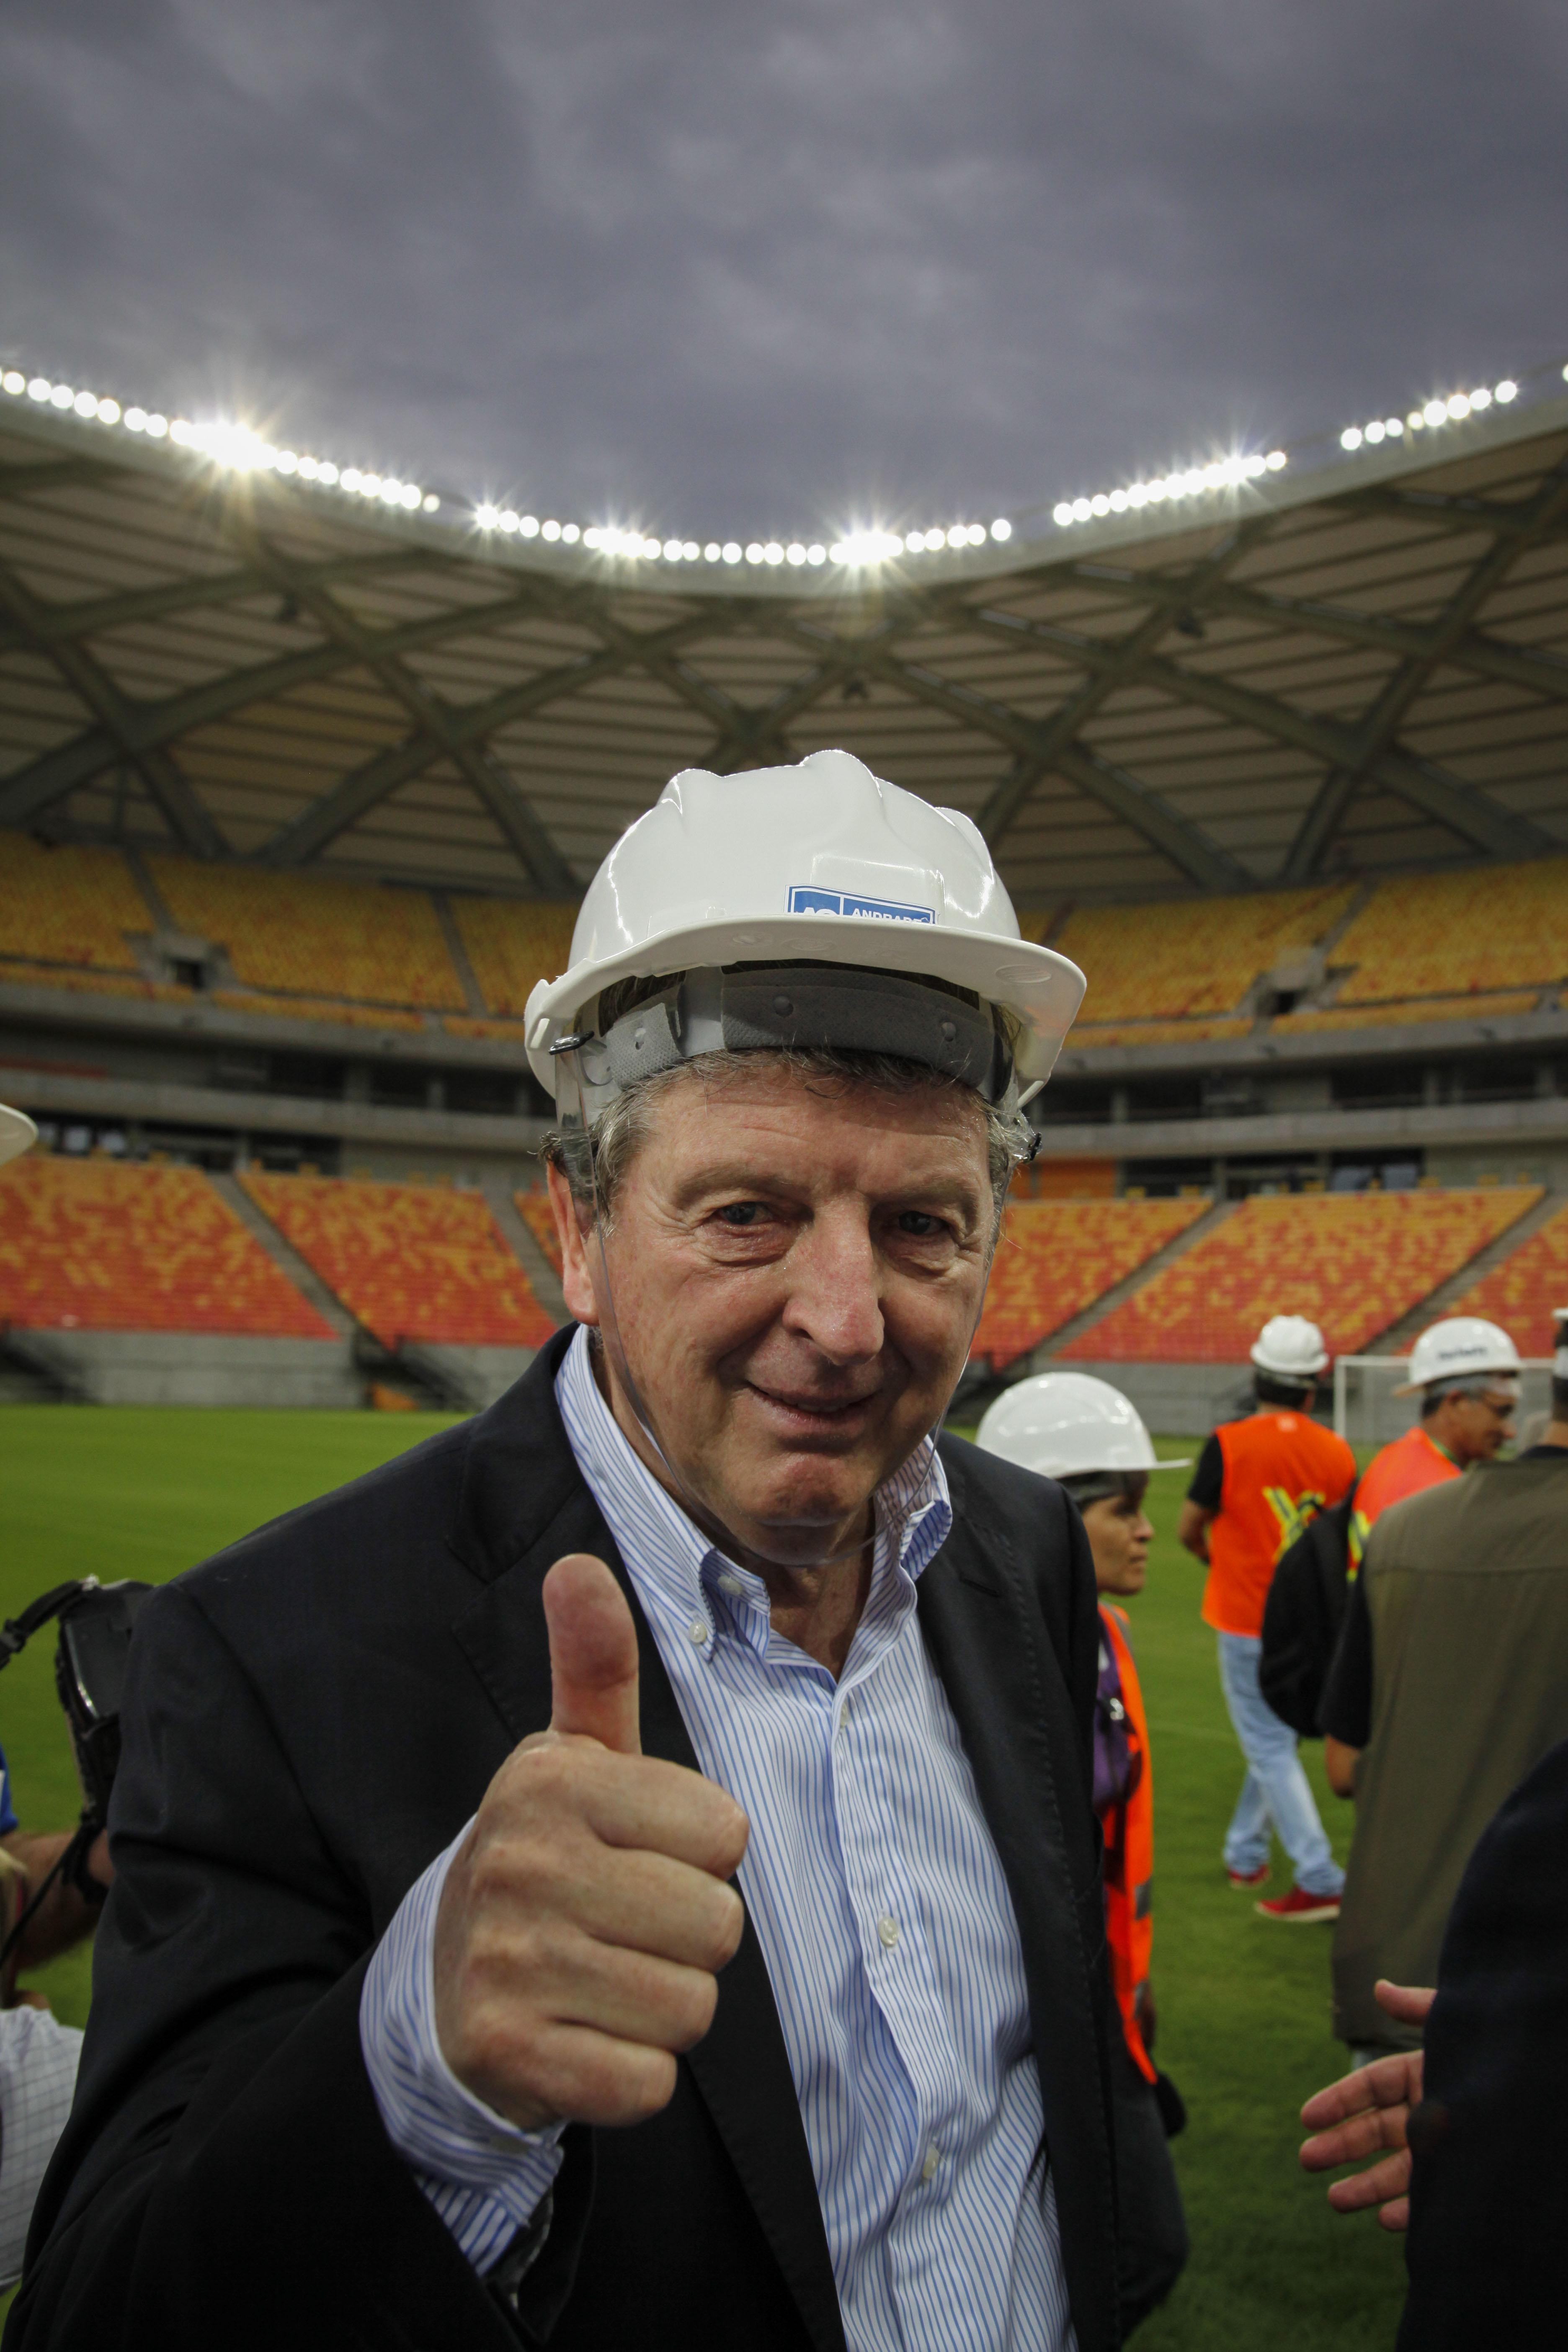 霍奇森参观亚马逊竞技场时竖起大拇指